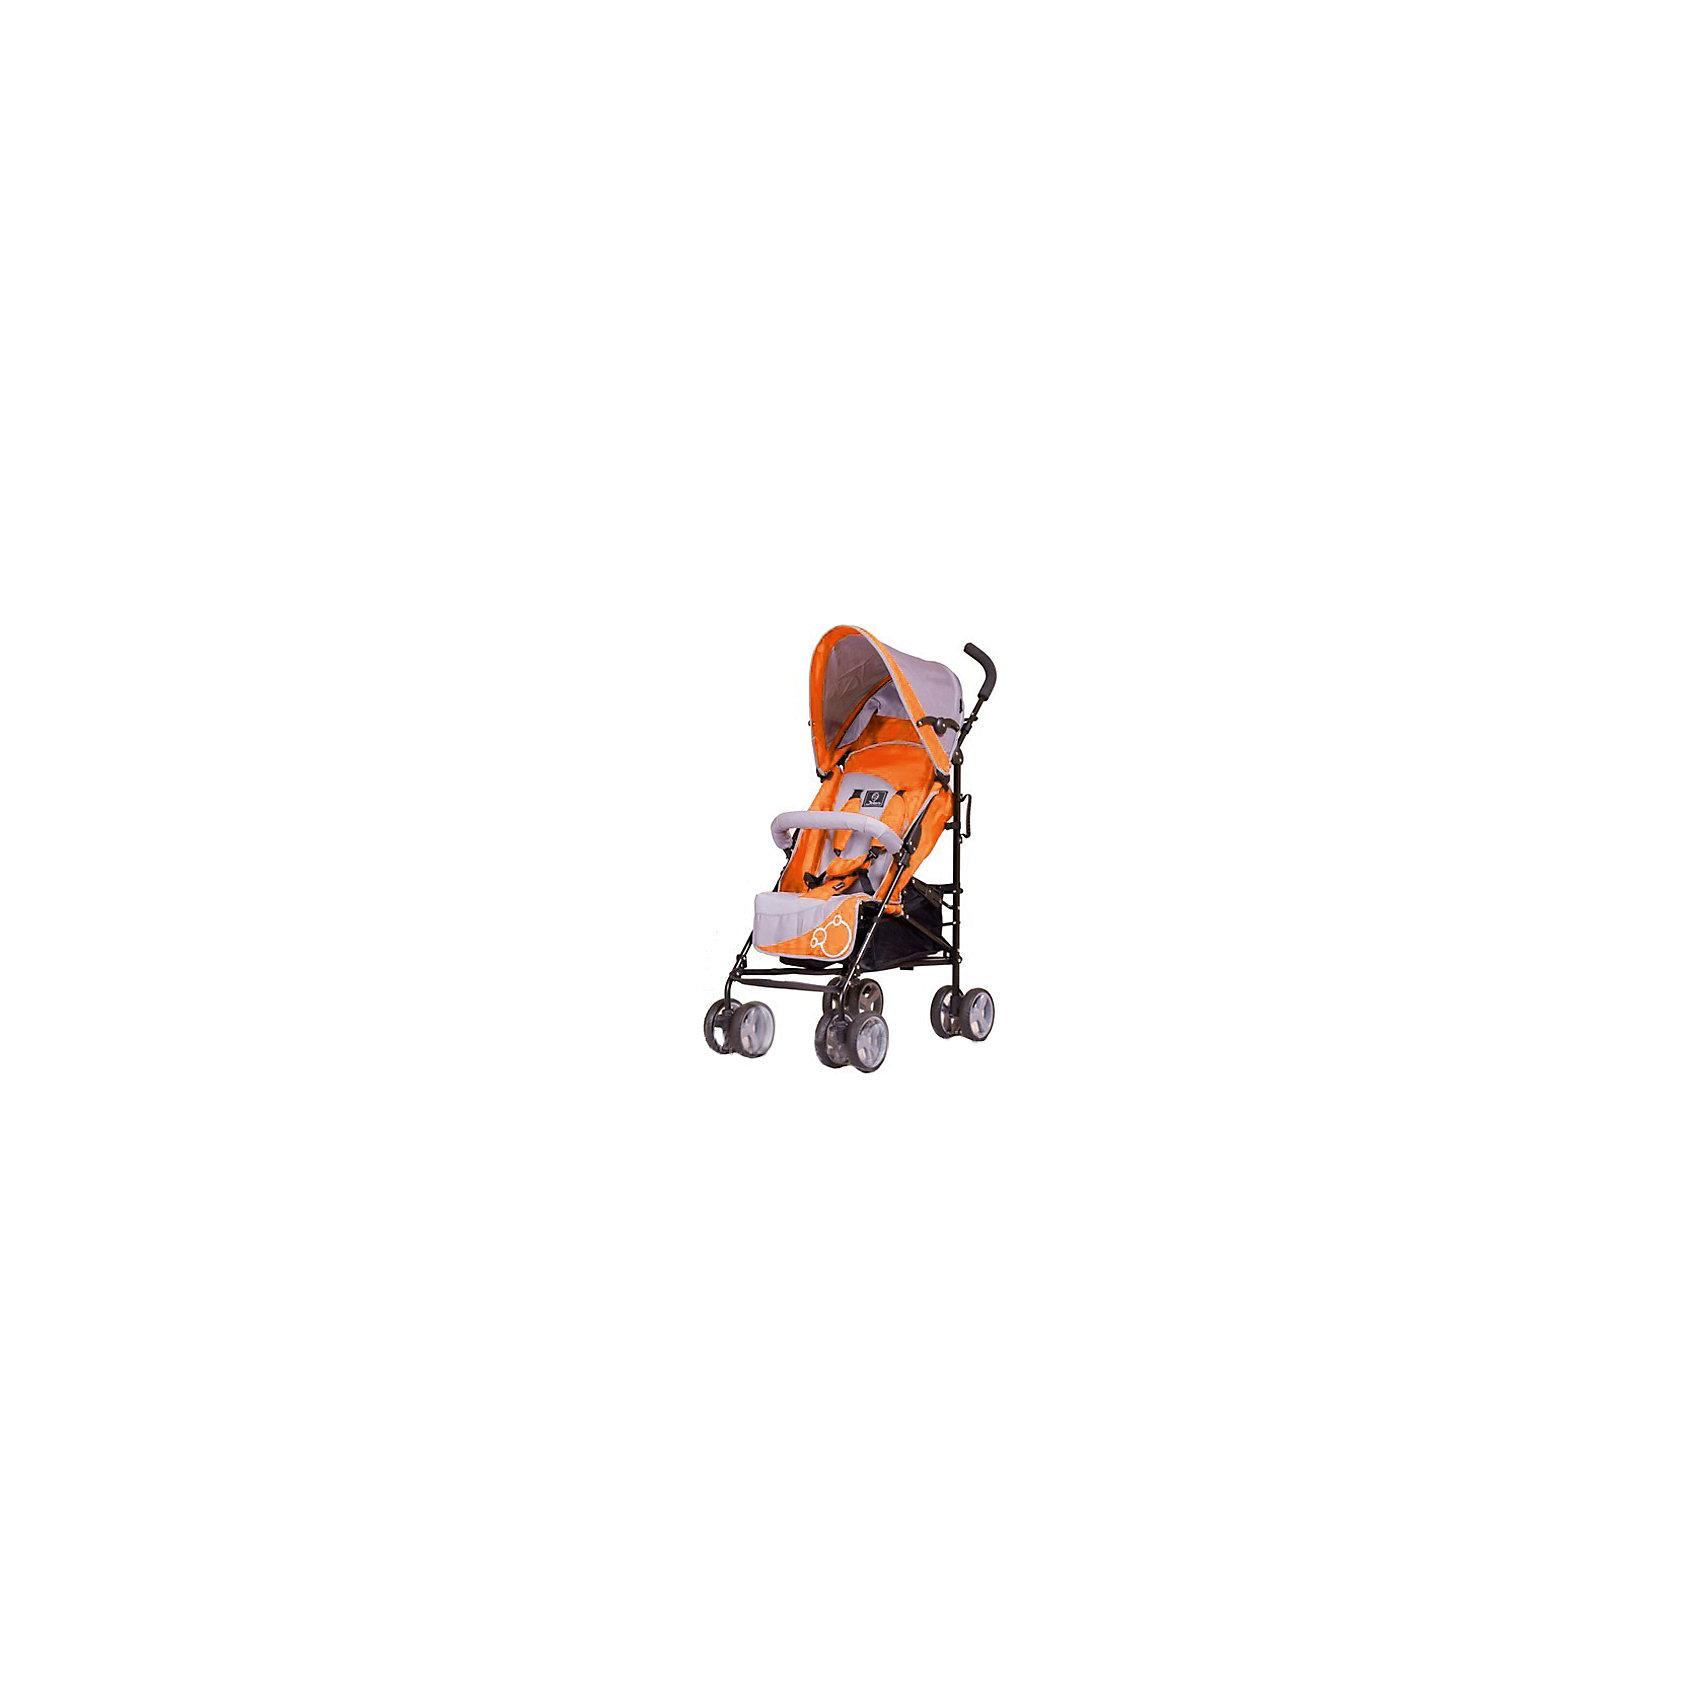 Коляска-трость Jetem Picnic S-102, оранжевыйНедорогие коляски<br>Коляска трость Picnic (Пикник) S-102, Jetem (Жетем) лучший вариант для прогулок с весны до поздней осени. Малышу в коляске будет комфортно даже при относительно низкой температуре.<br><br>Особенности:<br>-Легкая и удобная прогулочная коляска-трость<br>-Большой капюшон может раскладываться до бампера<br>-Спинка может раскладываться почти до горизонтального положения (5 положений, 170 градусов)<br>-4 сдвоенных колеса из морозоустойчивого пластика (передние-с фиксацией, на задней оси-стояночный тормоз)<br>-5-ти точечные ремни безопасности<br>-Сетчатая корзина для покупок<br>-Подходит для детей до 18 кг<br>-Регулируемая подножка<br>-Жесткая спинка со встроенным «дышащим матрасом»<br>-Облегченная алюминиевая рама<br>-Вместительная сетка для покупок<br>-Цвет: серый/синий<br><br>Комплектация:<br>-Коляска<br>-Чехол на ножки<br>-Дождевик<br>-Солнцезащитный козырек<br><br>Дополнительная информация:<br><br>-Размеры в разложенном виде: 49x68x110 см<br>-Размеры в собранном виде:35x115x35 см<br>-Вес коляски: 6,7 кг<br>-Размеры спального места: 34x85 см<br>-Диаметр колес: 15 см<br>-Материалы: плотная резина (колеса), алюминий (рама), текстиль<br>-Ширина колесной базы: 49 см<br>-Вес в упаковке: 9,5 кг<br><br>Недорогая прогулочная коляска-трость Picnic S-102 - идеальный вариант для городских прогулок и путешествий. Маневренная, легкая, компактно складывающаяся, с ней вы и ваш малыш будете комфортно себя чувствовать на улицах города и в транспорте.<br><br>Коляску трость Picnic S-102, Jetem, оранжевый  можно купить в нашем магазине.<br><br>Ширина мм: 1050<br>Глубина мм: 250<br>Высота мм: 220<br>Вес г: 9500<br>Возраст от месяцев: 6<br>Возраст до месяцев: 36<br>Пол: Унисекс<br>Возраст: Детский<br>SKU: 3995881